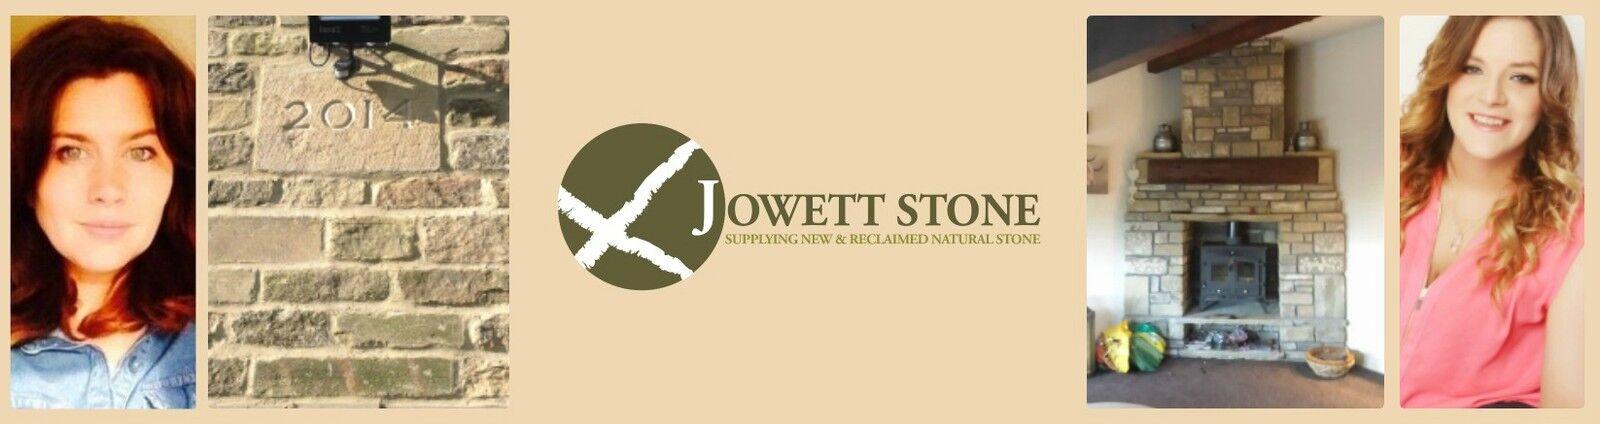 Jowett Stone Limited